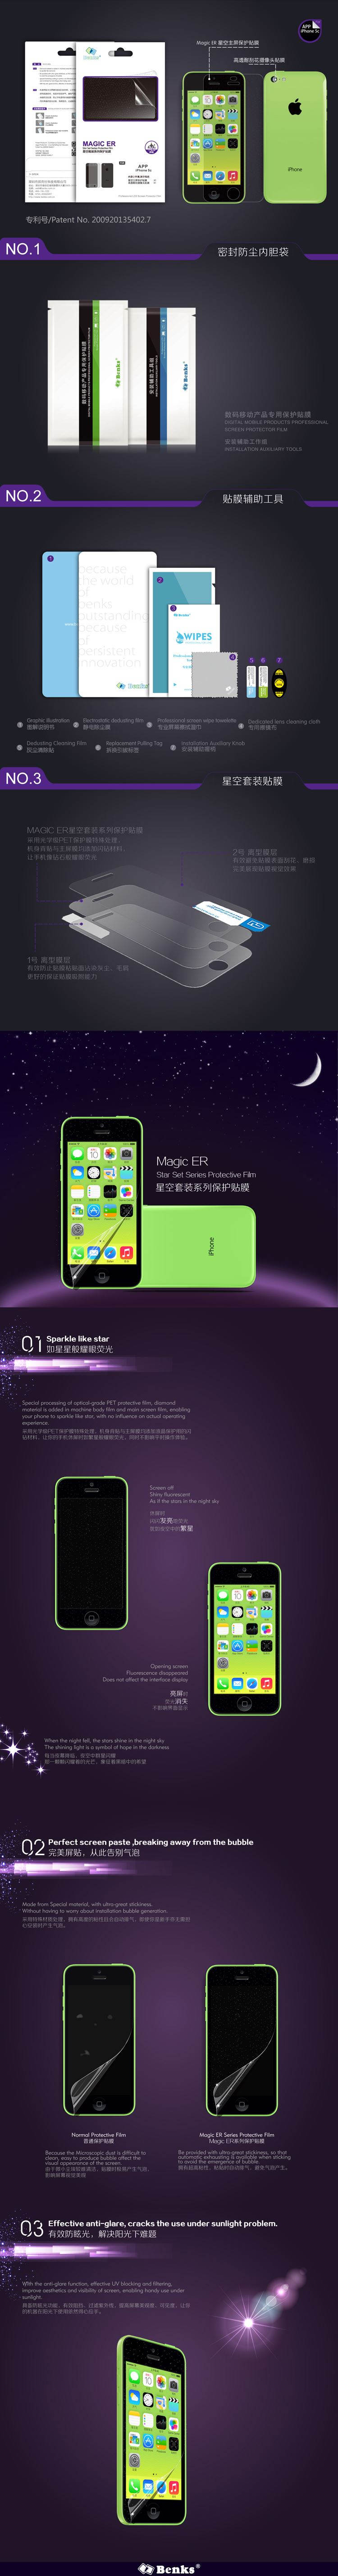 Benks 邦克仕 苹果iPhone5C Magic ER星空套装系列保护贴膜